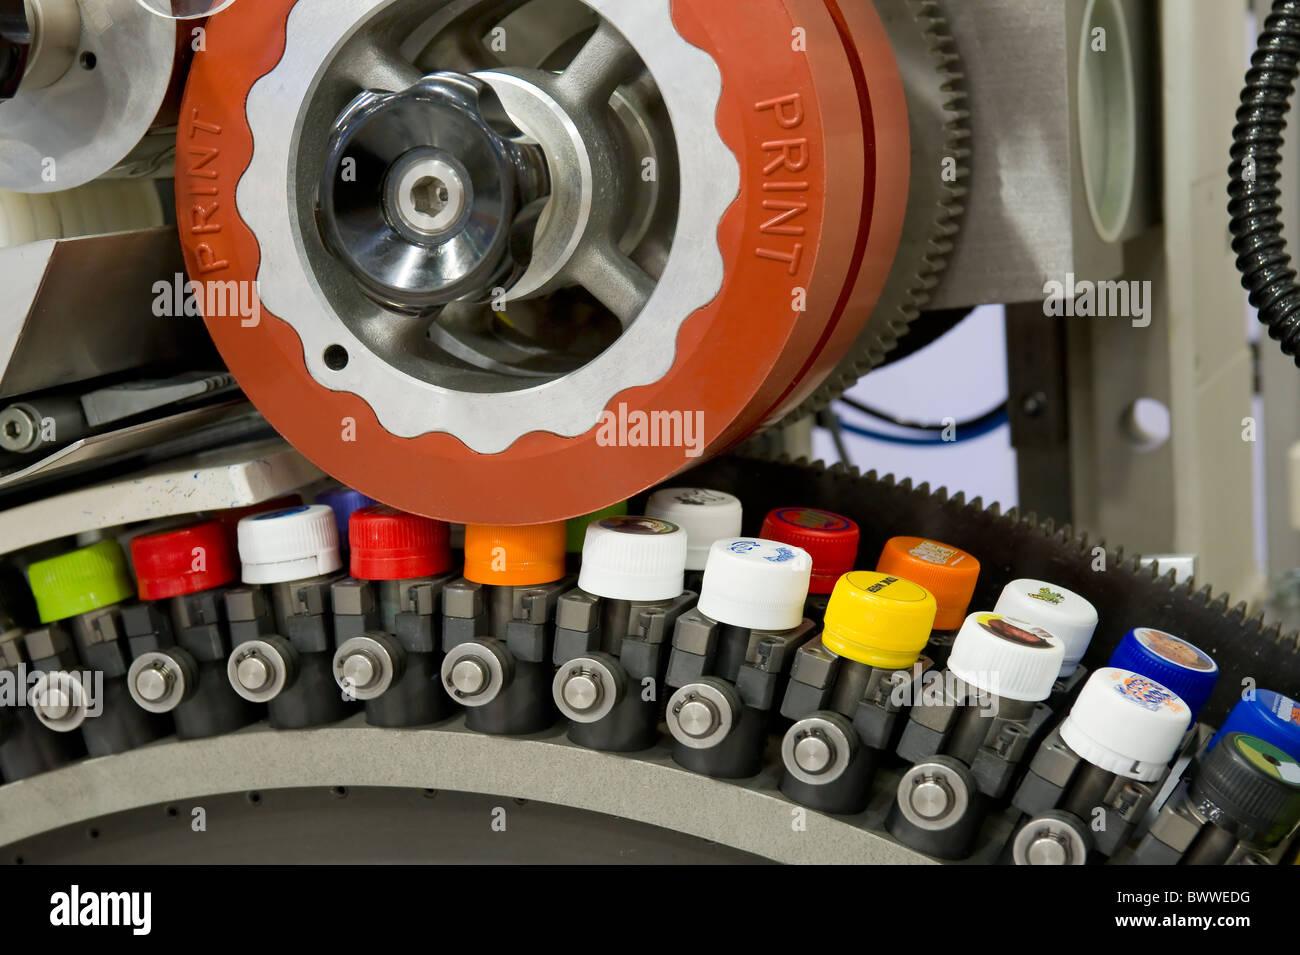 Tampondruckmaschine Pad printing machine - Stock Image